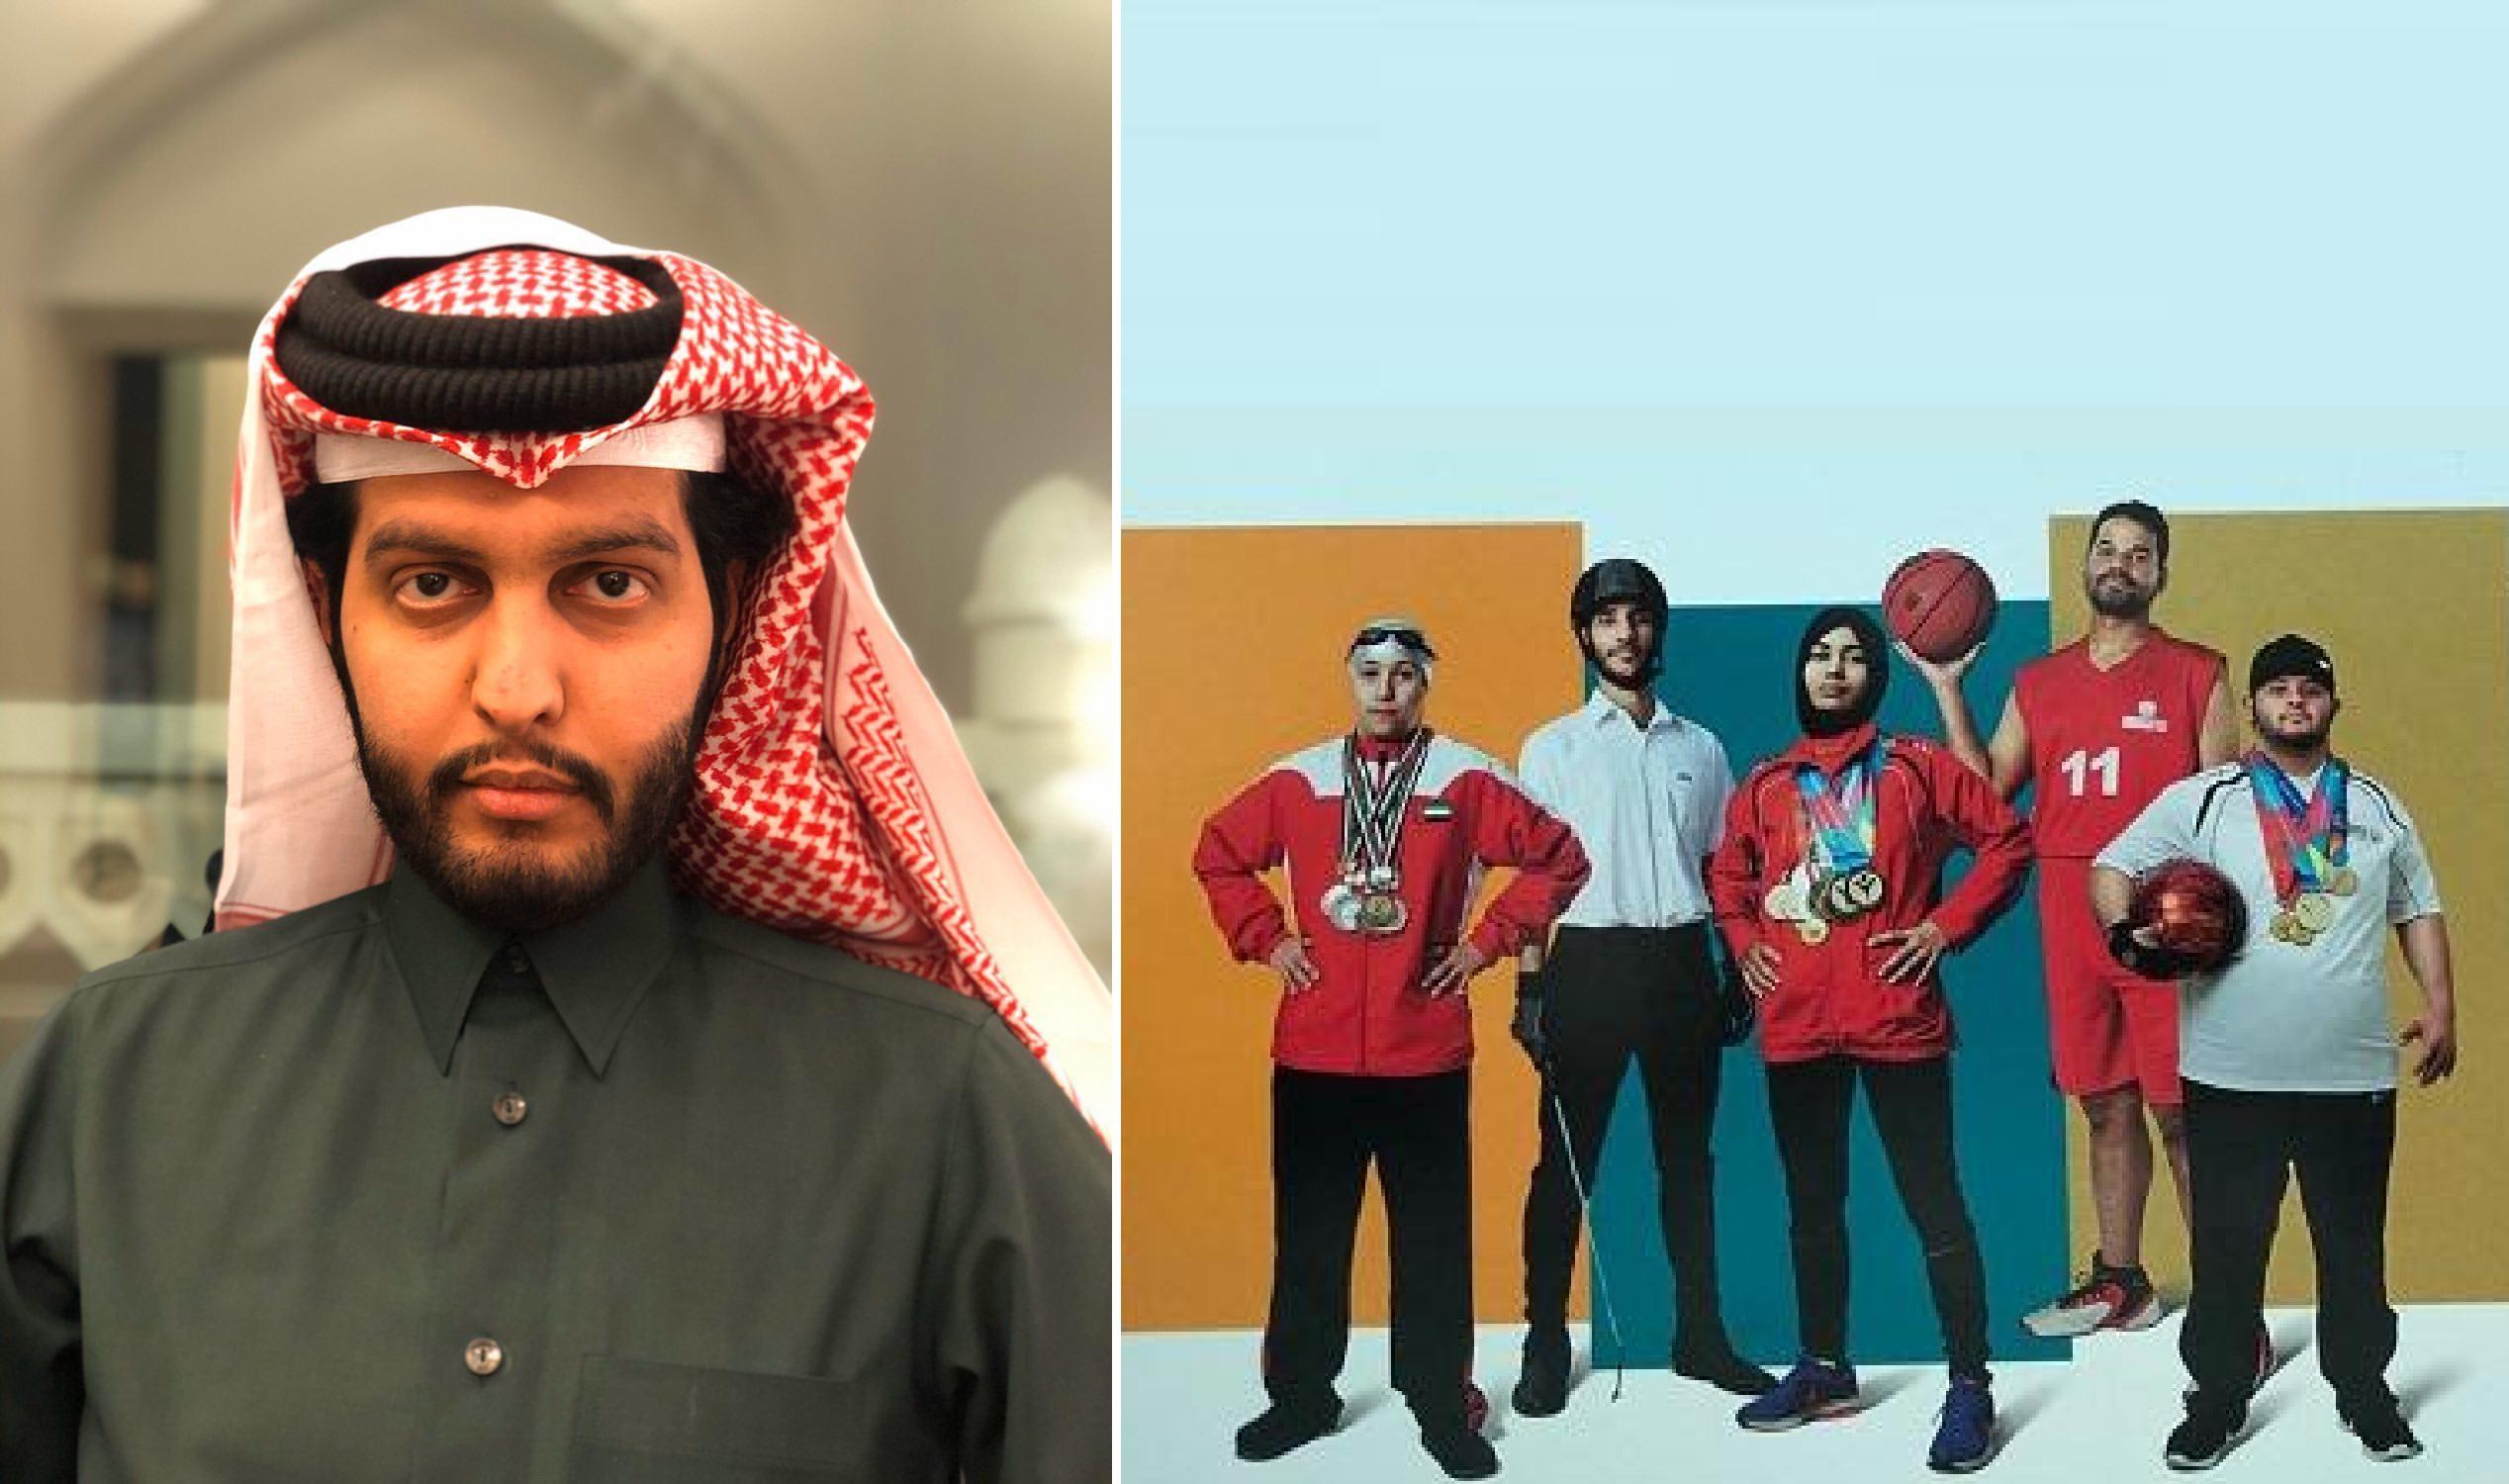 """بـ""""أصحاب الهمم"""".. الكاتب والمؤلف محمد العيده يشارك في معرض الكتاب"""